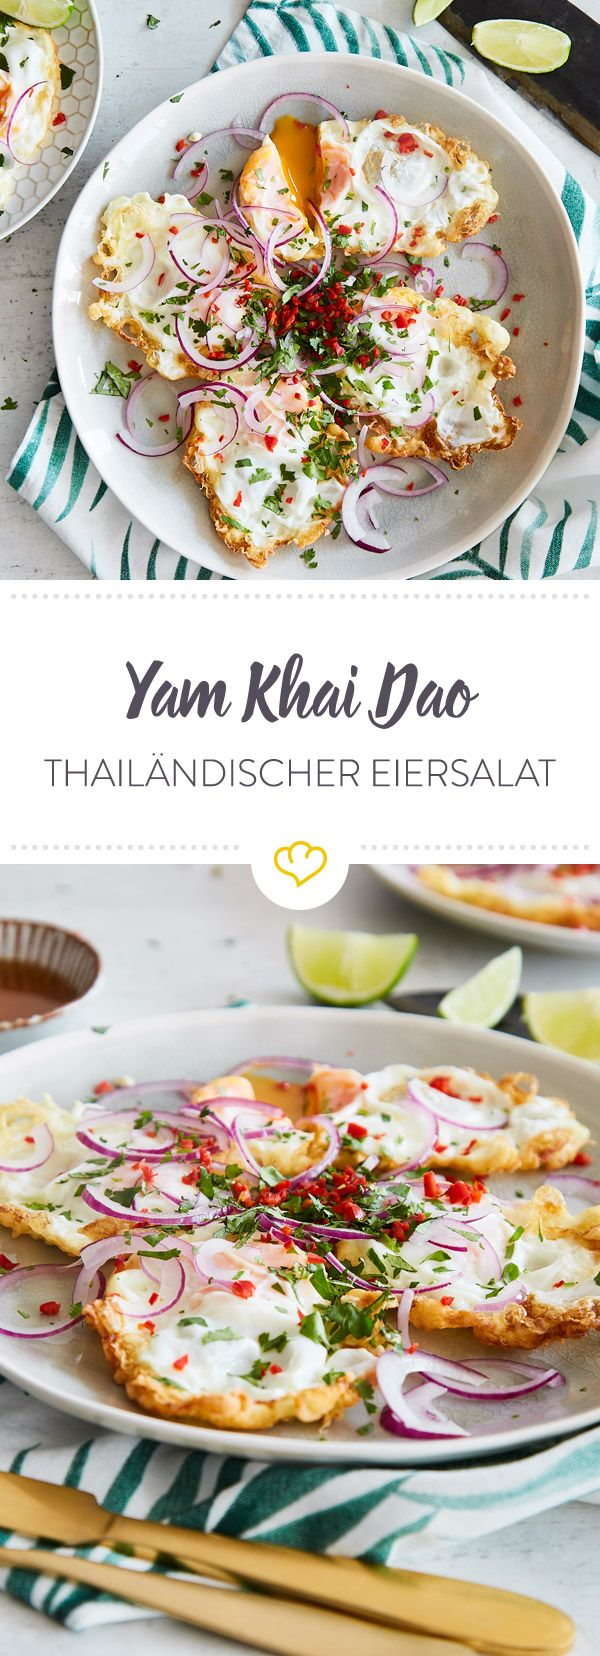 Eiersalat im Thai-Style: Frittierte Spiegeleier mit Zwiebeln, Koriander, Fischsauce und Chili - nicht mehr und nicht weniger gehört in dein